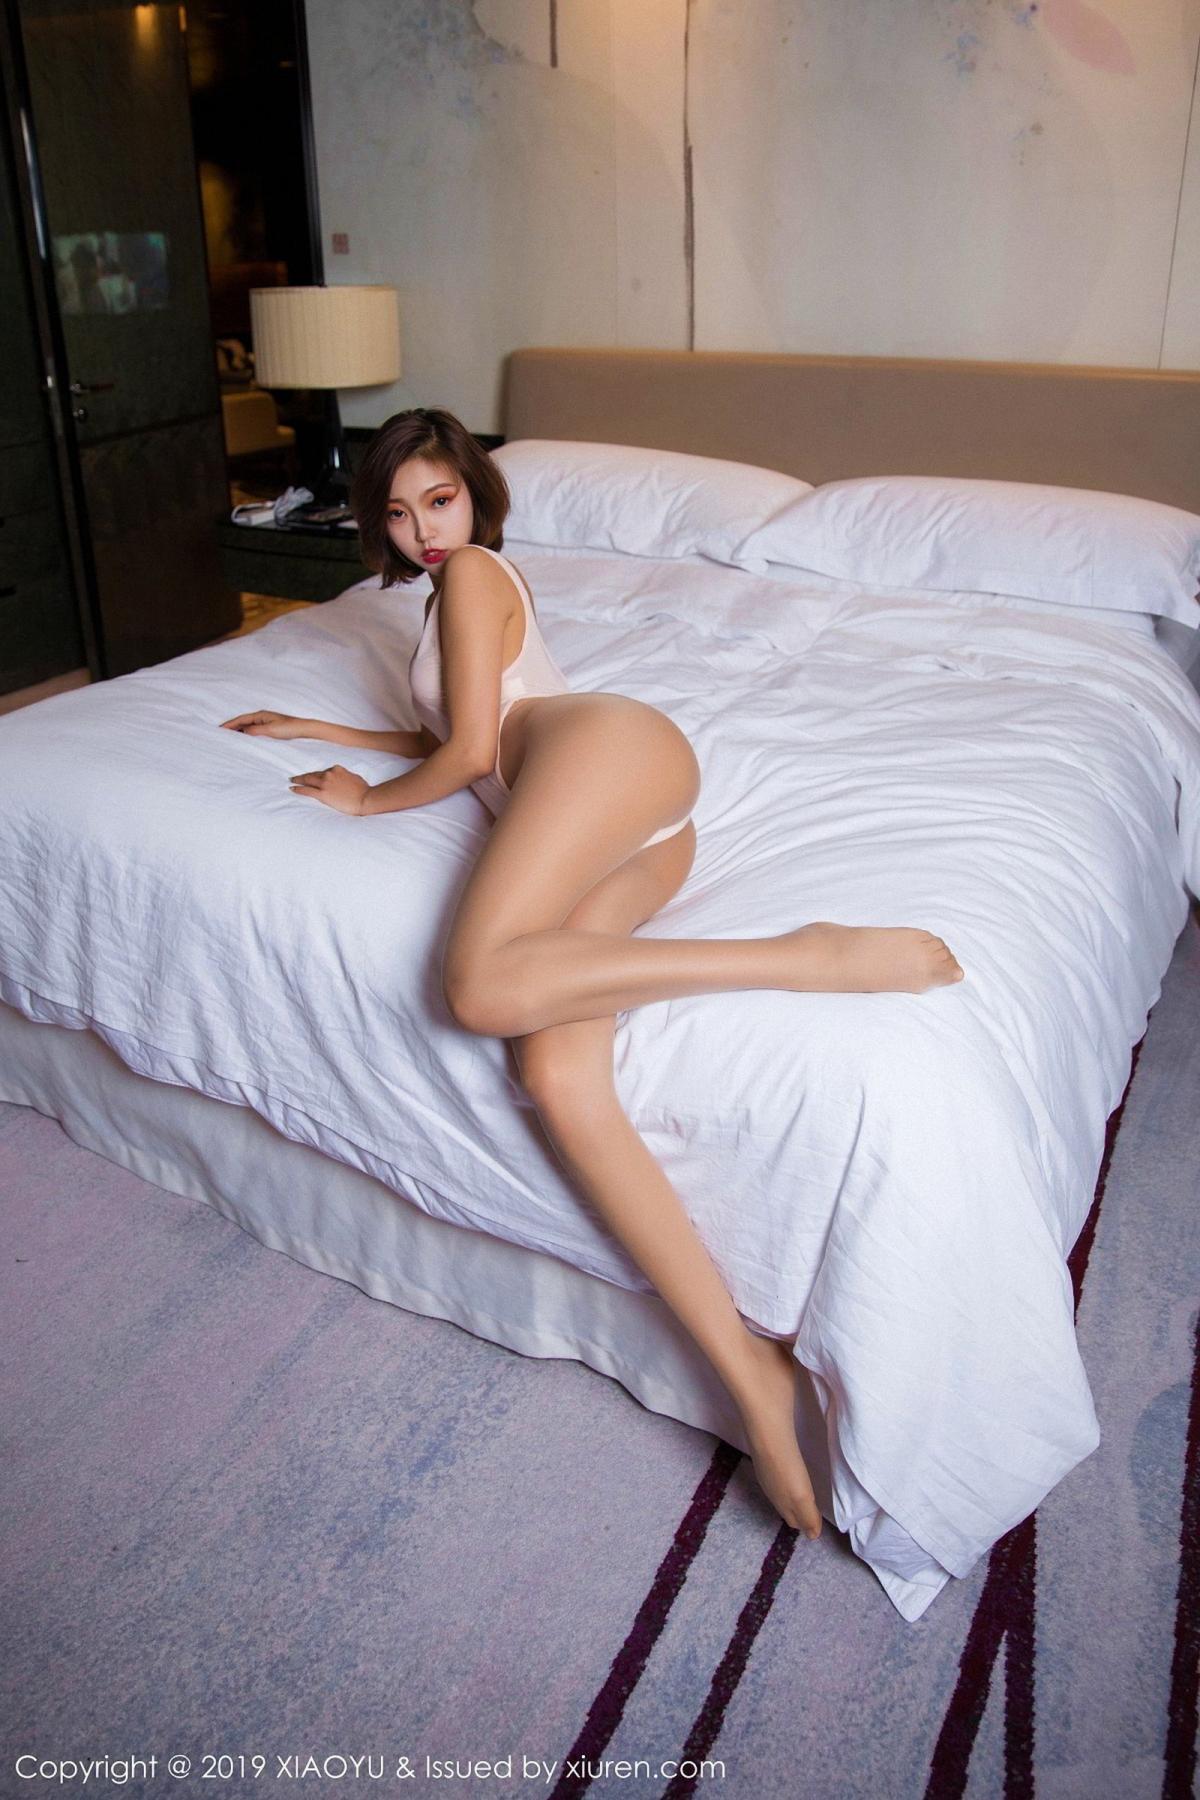 [XiaoYu] Vol.021 Feng Mu Mu 8P, Feng Mu Mu, Tall, XiaoYu